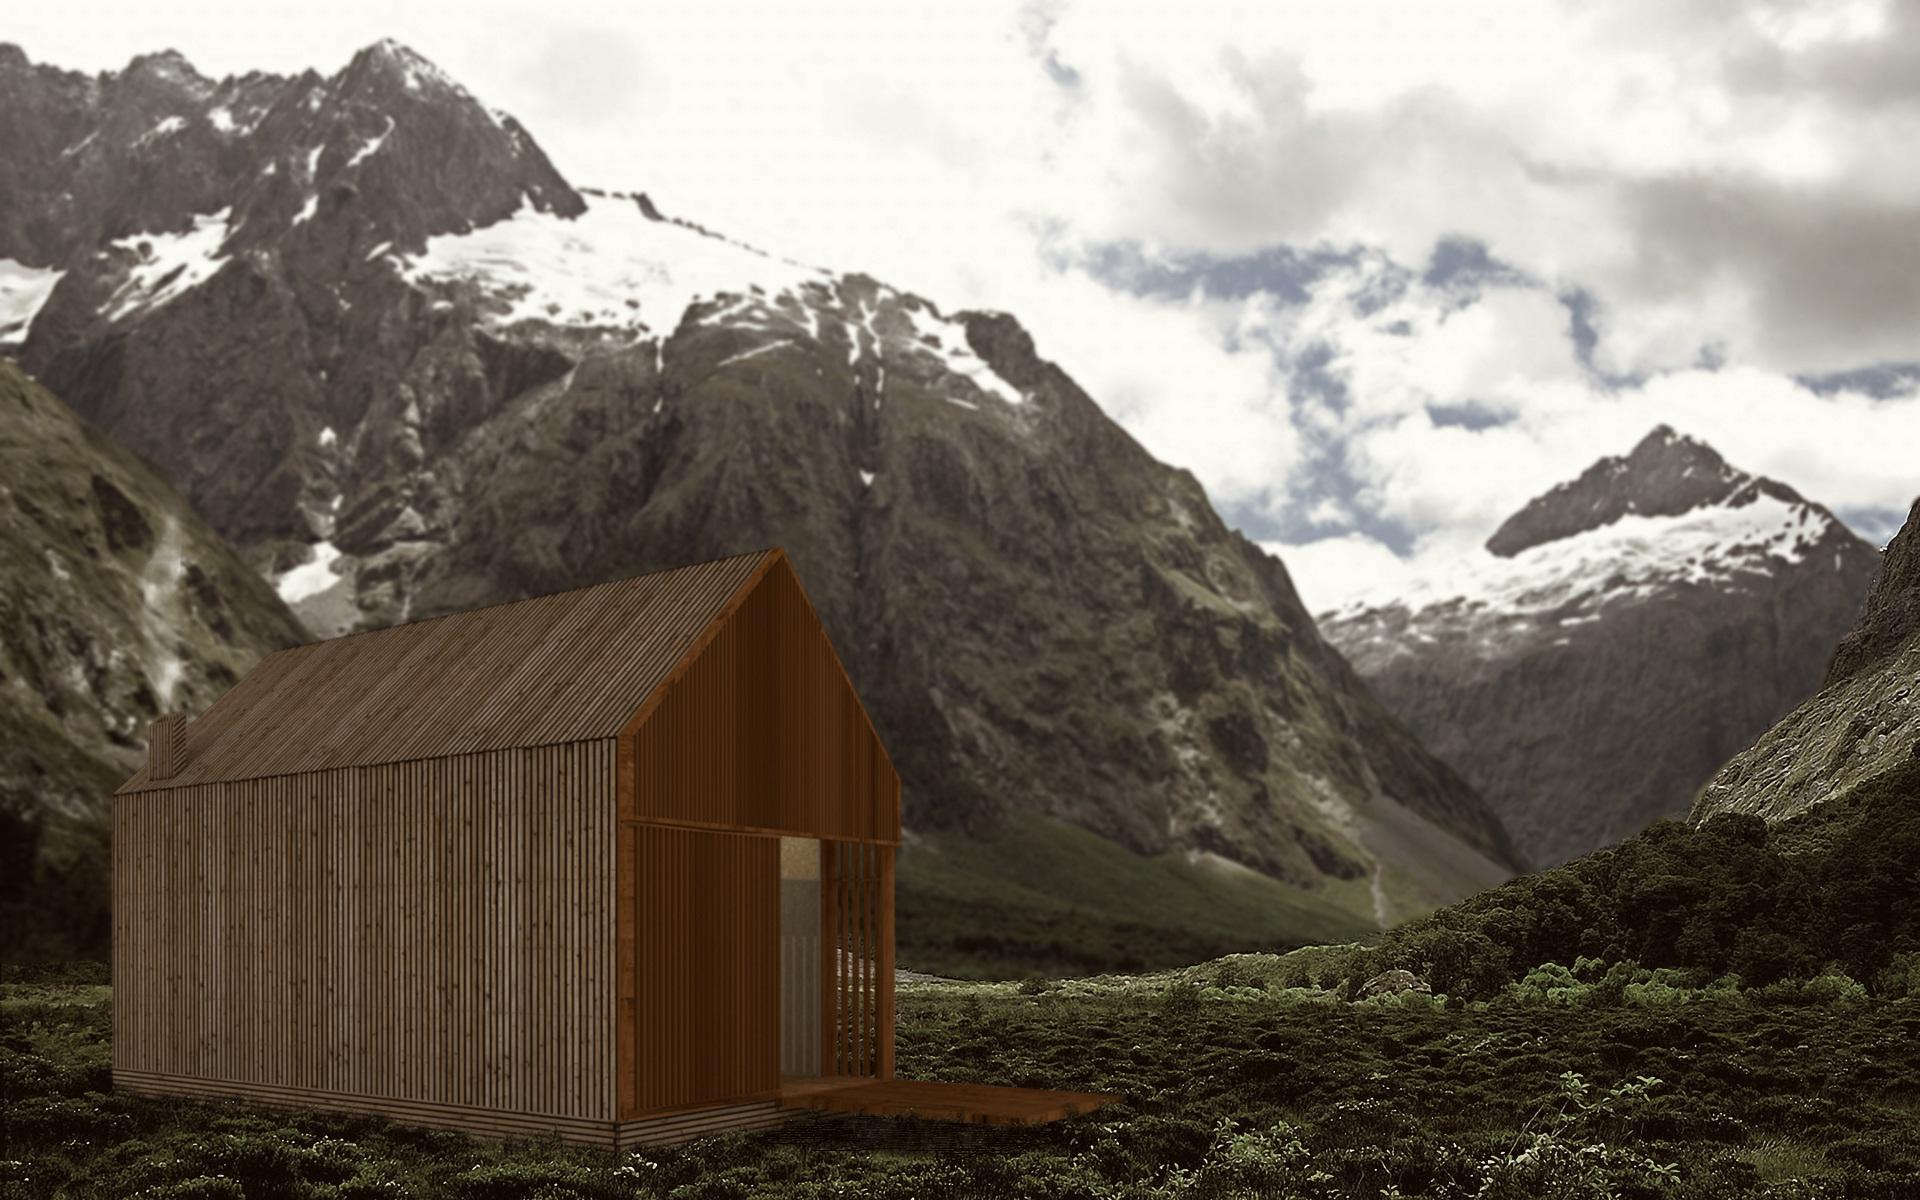 """Há uma casa minúscula (mas com """"um espaço grande"""") num terreno alentejano"""